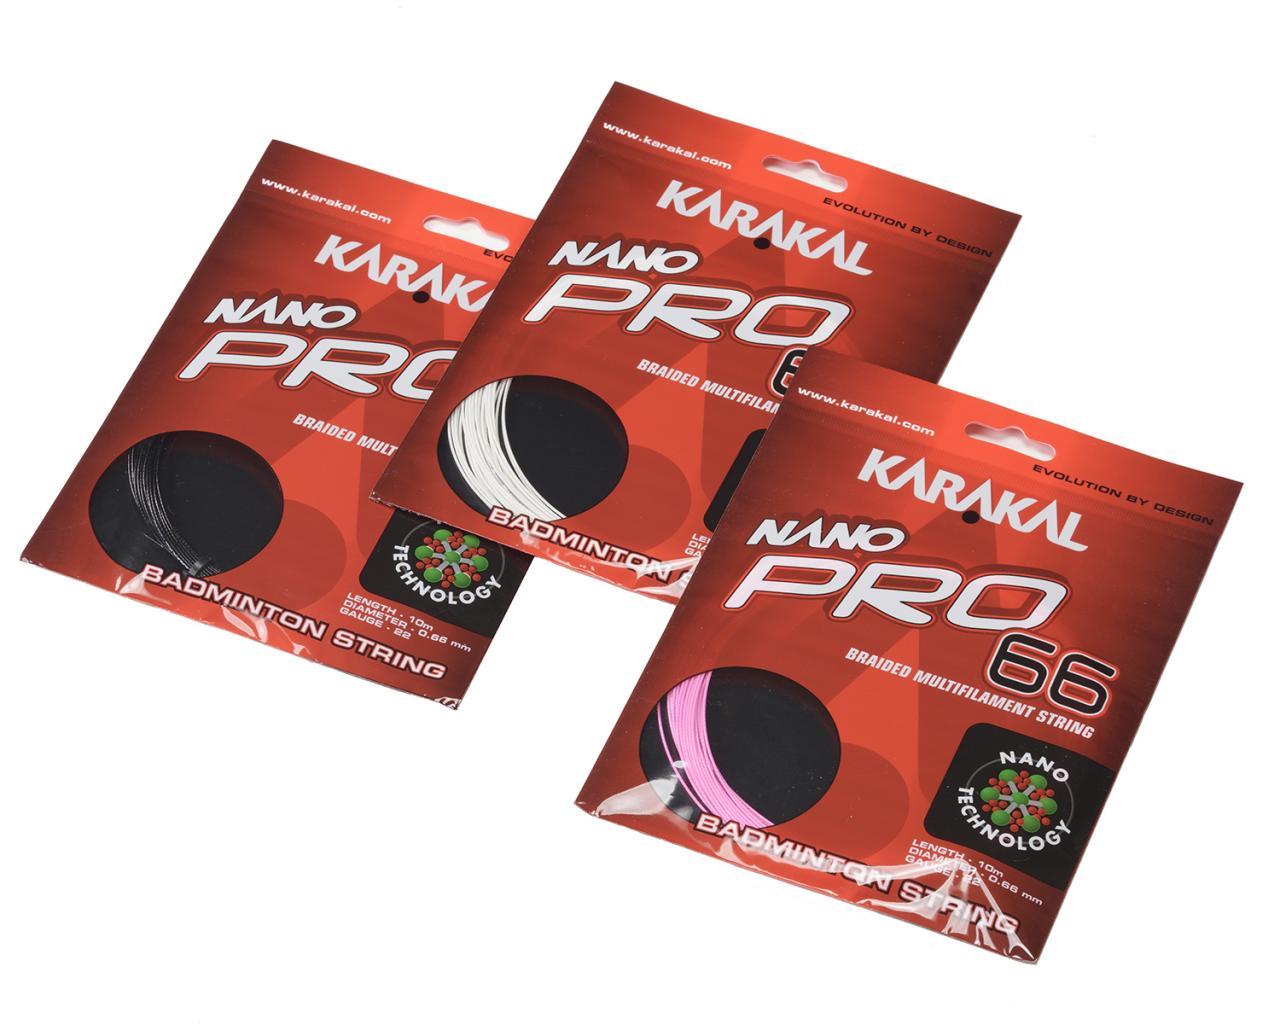 バドミントン ストリング バドミントンストリング バドミントンガット KARAKAL 最高の反発+響き+耐久性 NANO PRO あす楽対応 0.66mm ネコポス選択で送料385円 10m 1本分 66 カラカル SALE 期間限定で特別価格